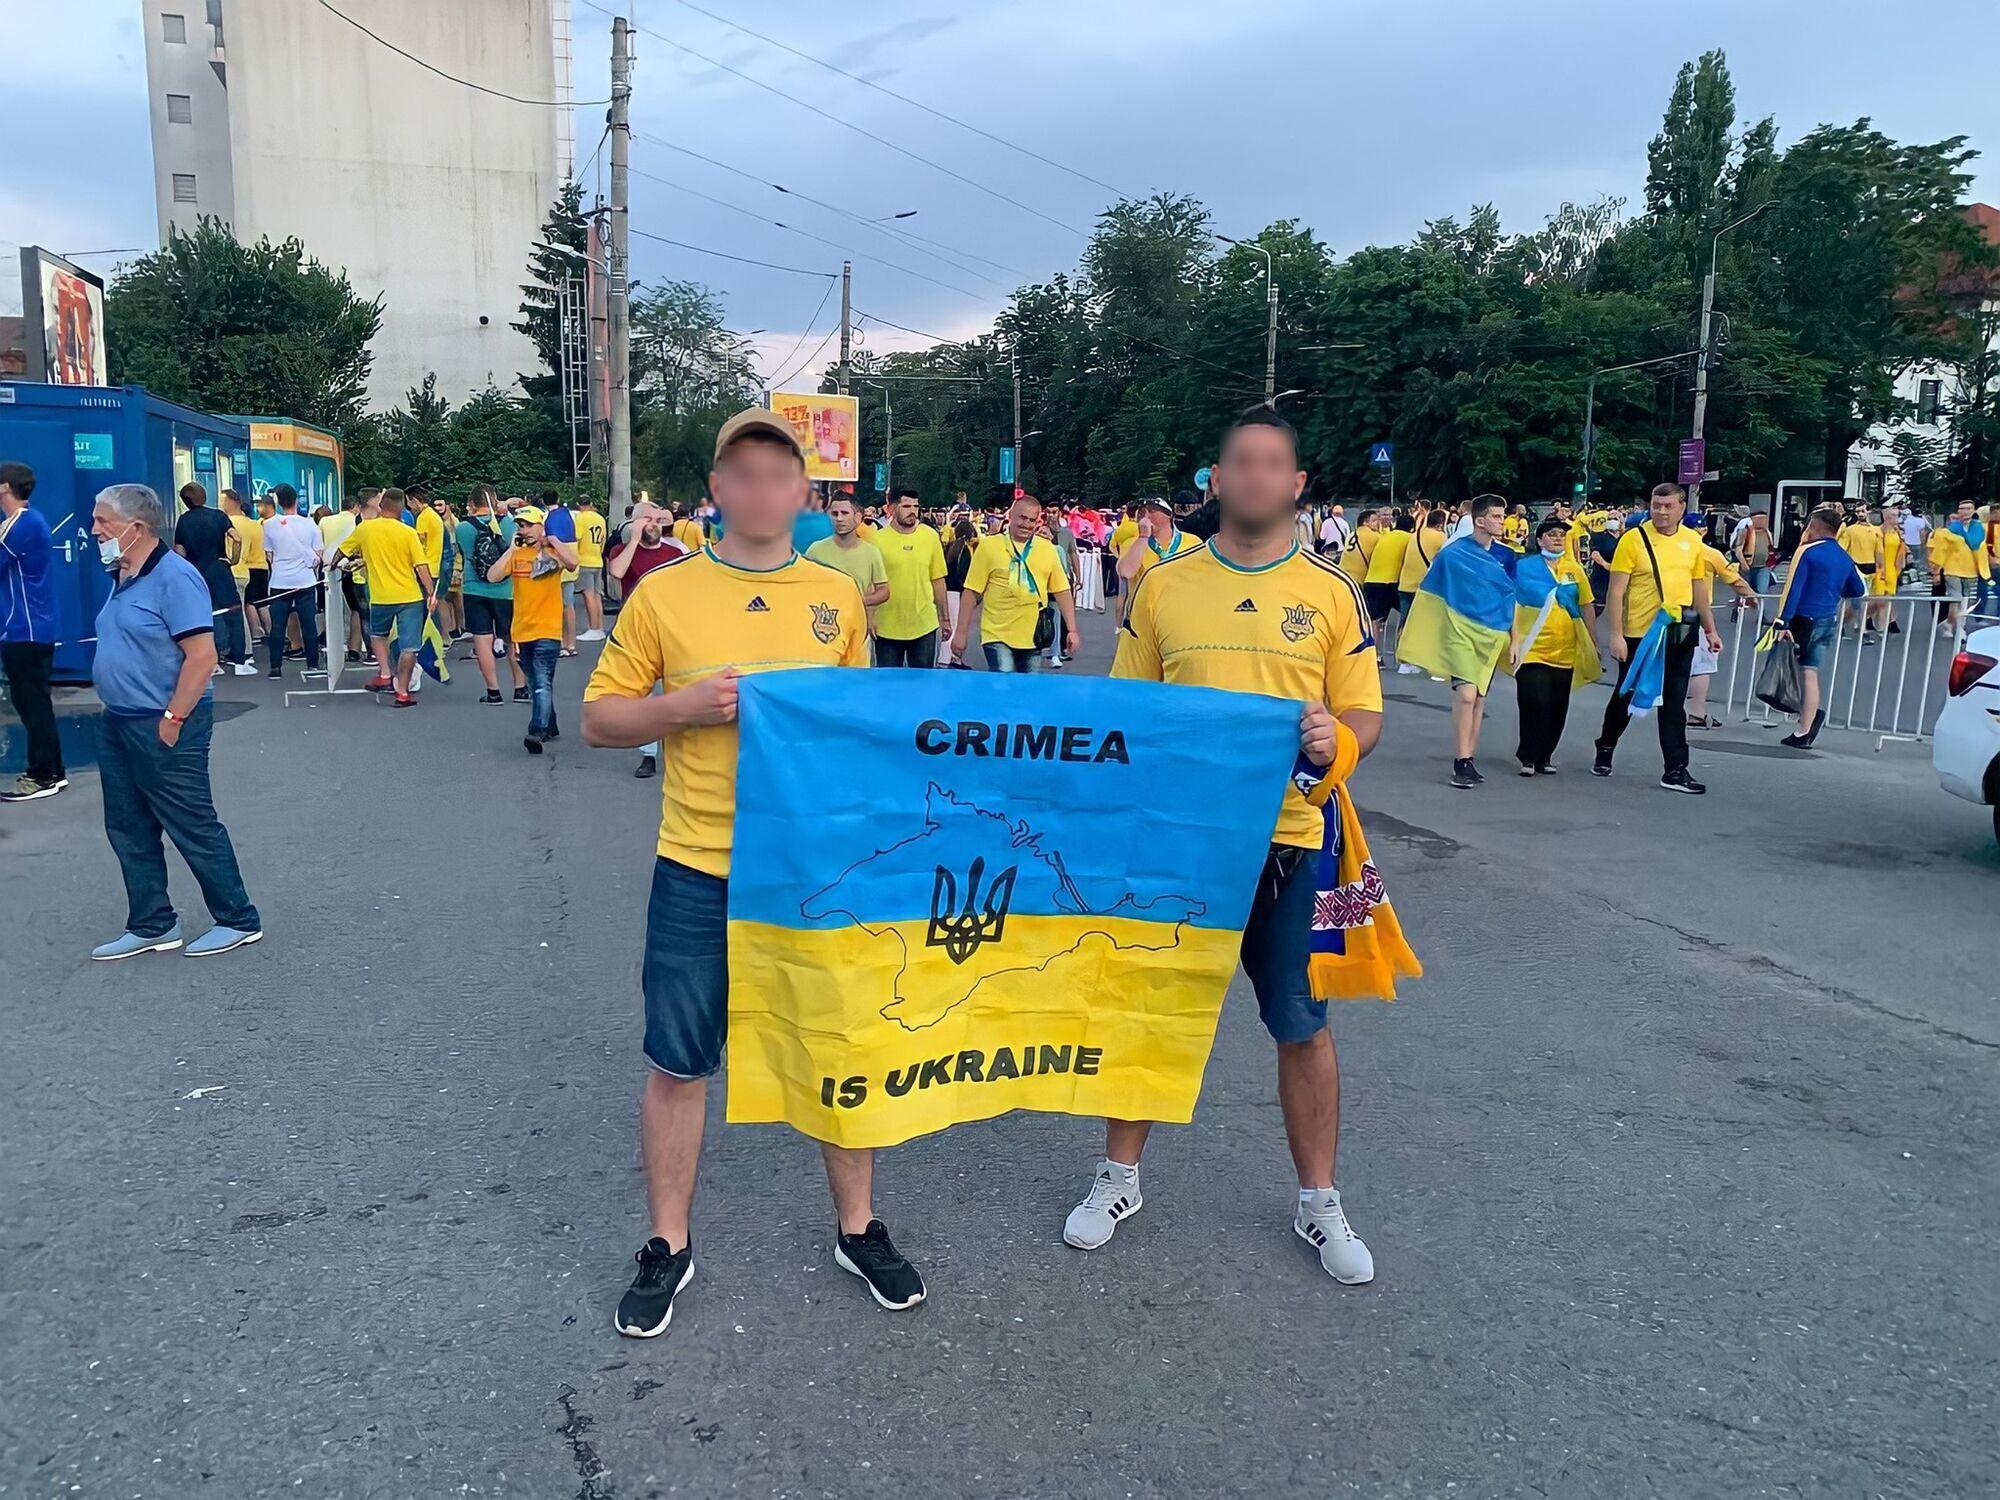 Флаг Украины с Крымом